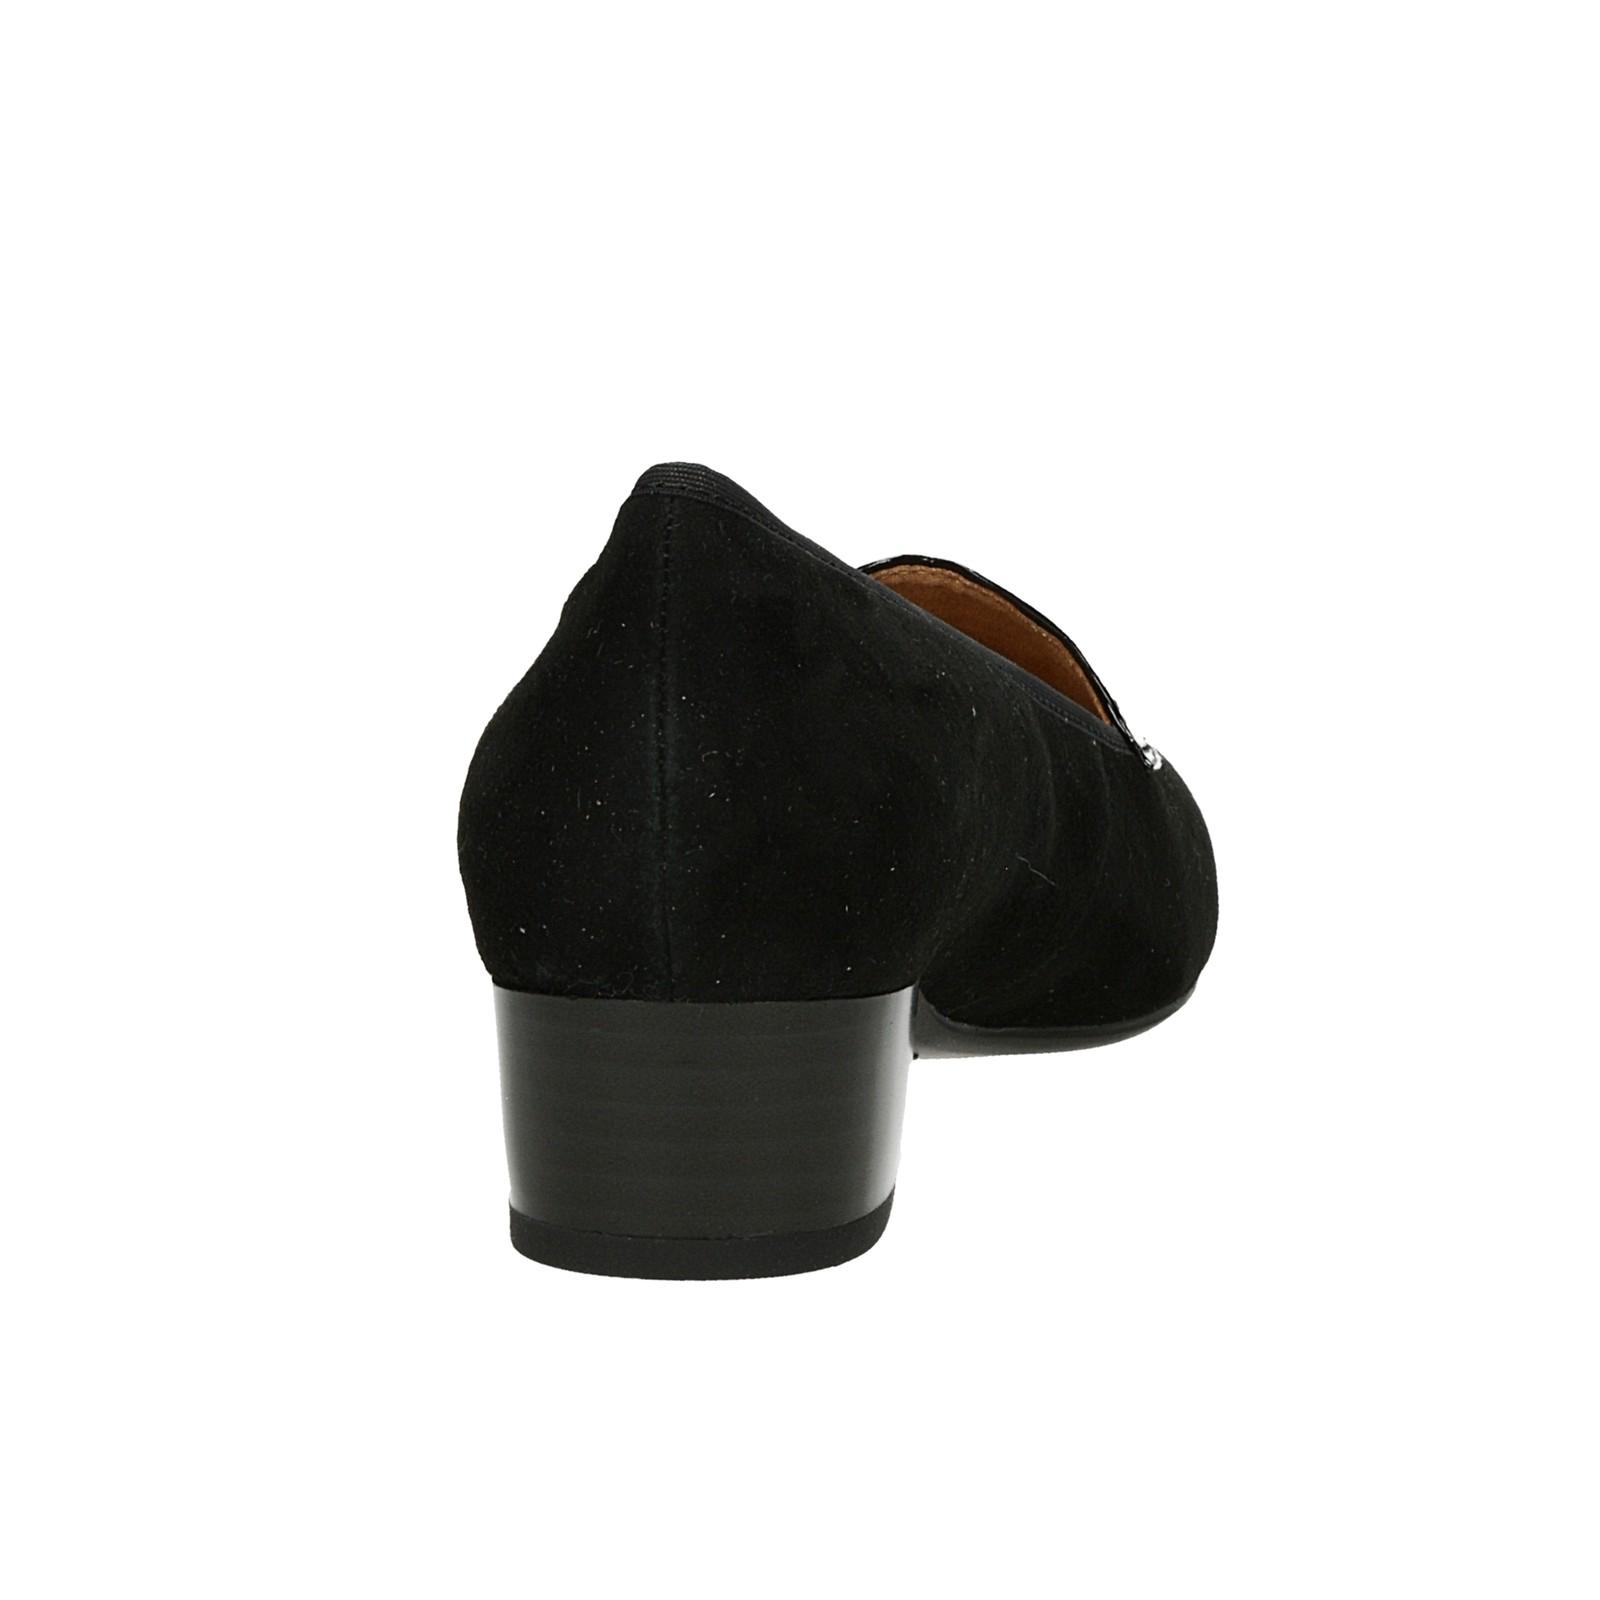 d06124b0d Caprice dámske kožené lodičky na nízkom podpätku - čierne   2430221 ...